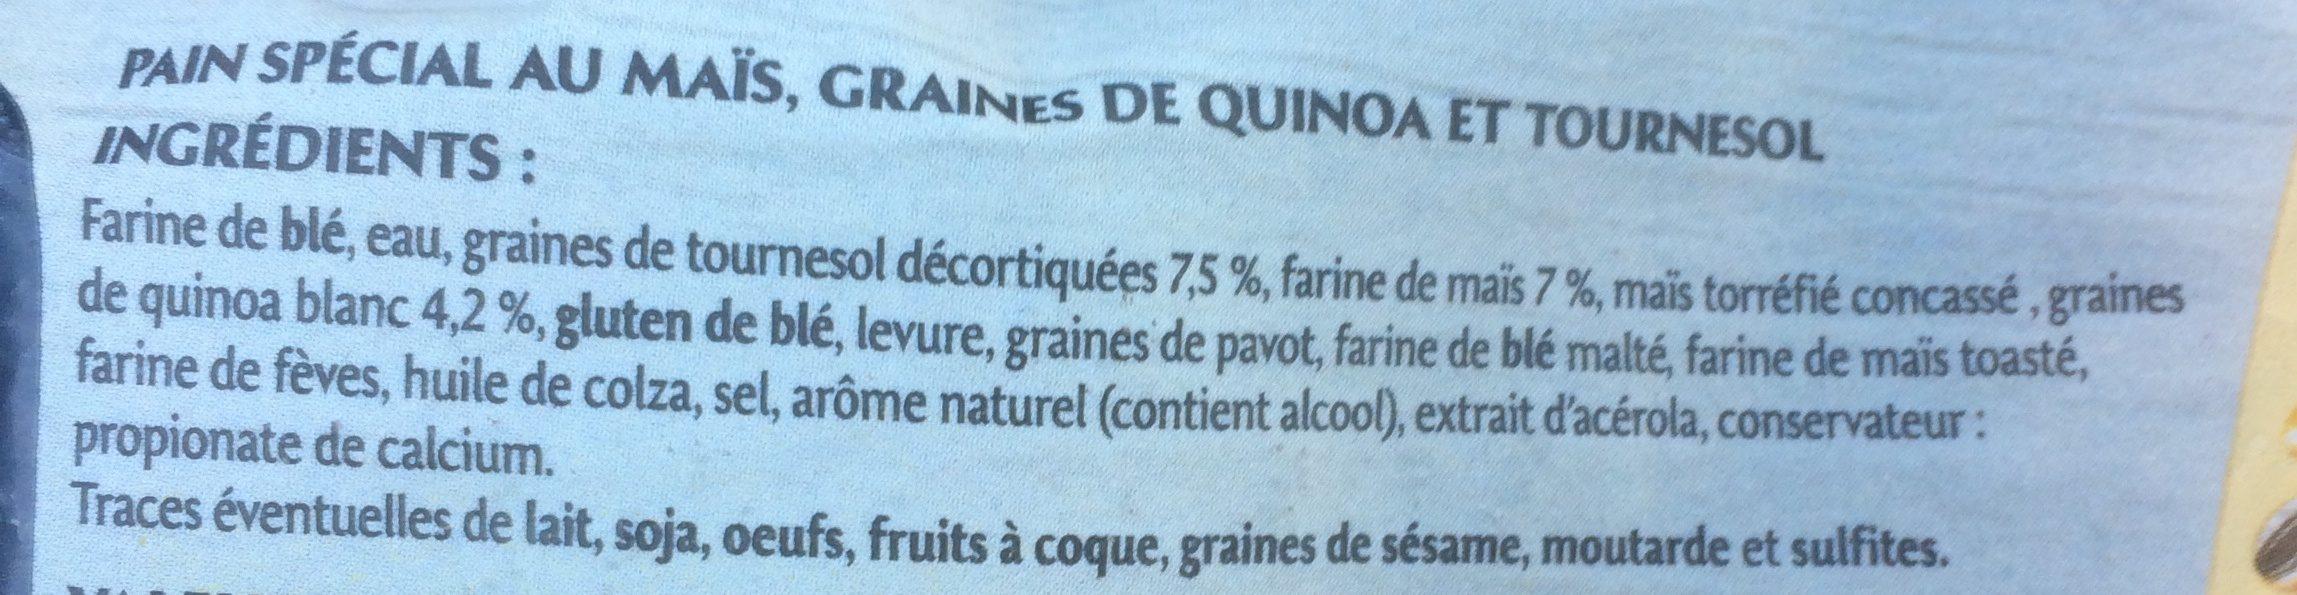 L'Atelier - Pain spécial au maïs, graines de quinoa et tournesol - Ingredienti - fr